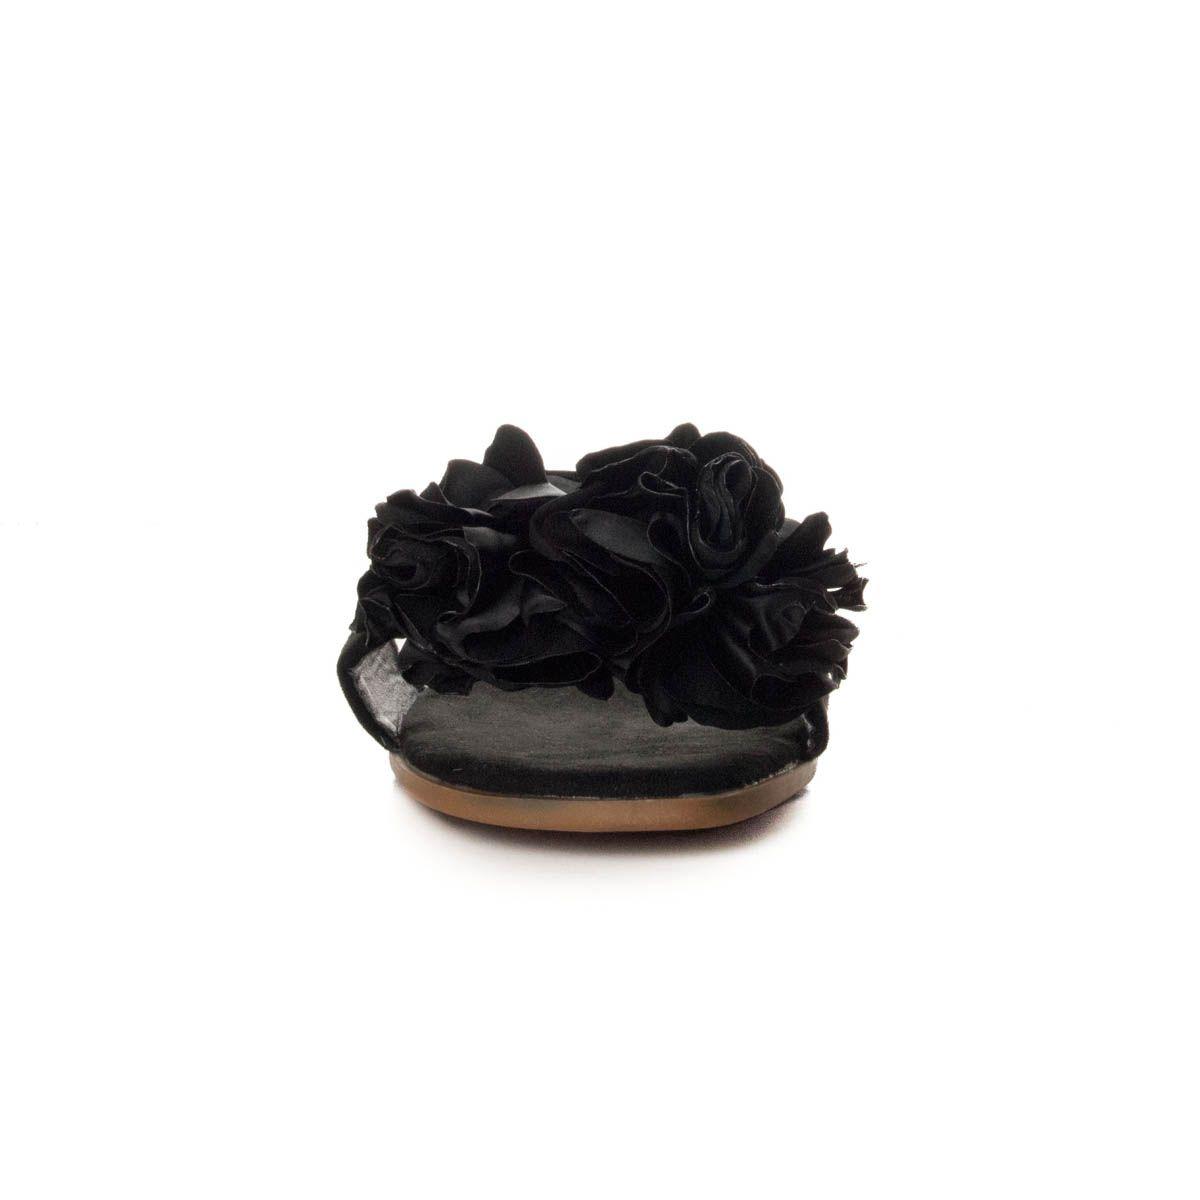 Montevita Flat Sandal in Black